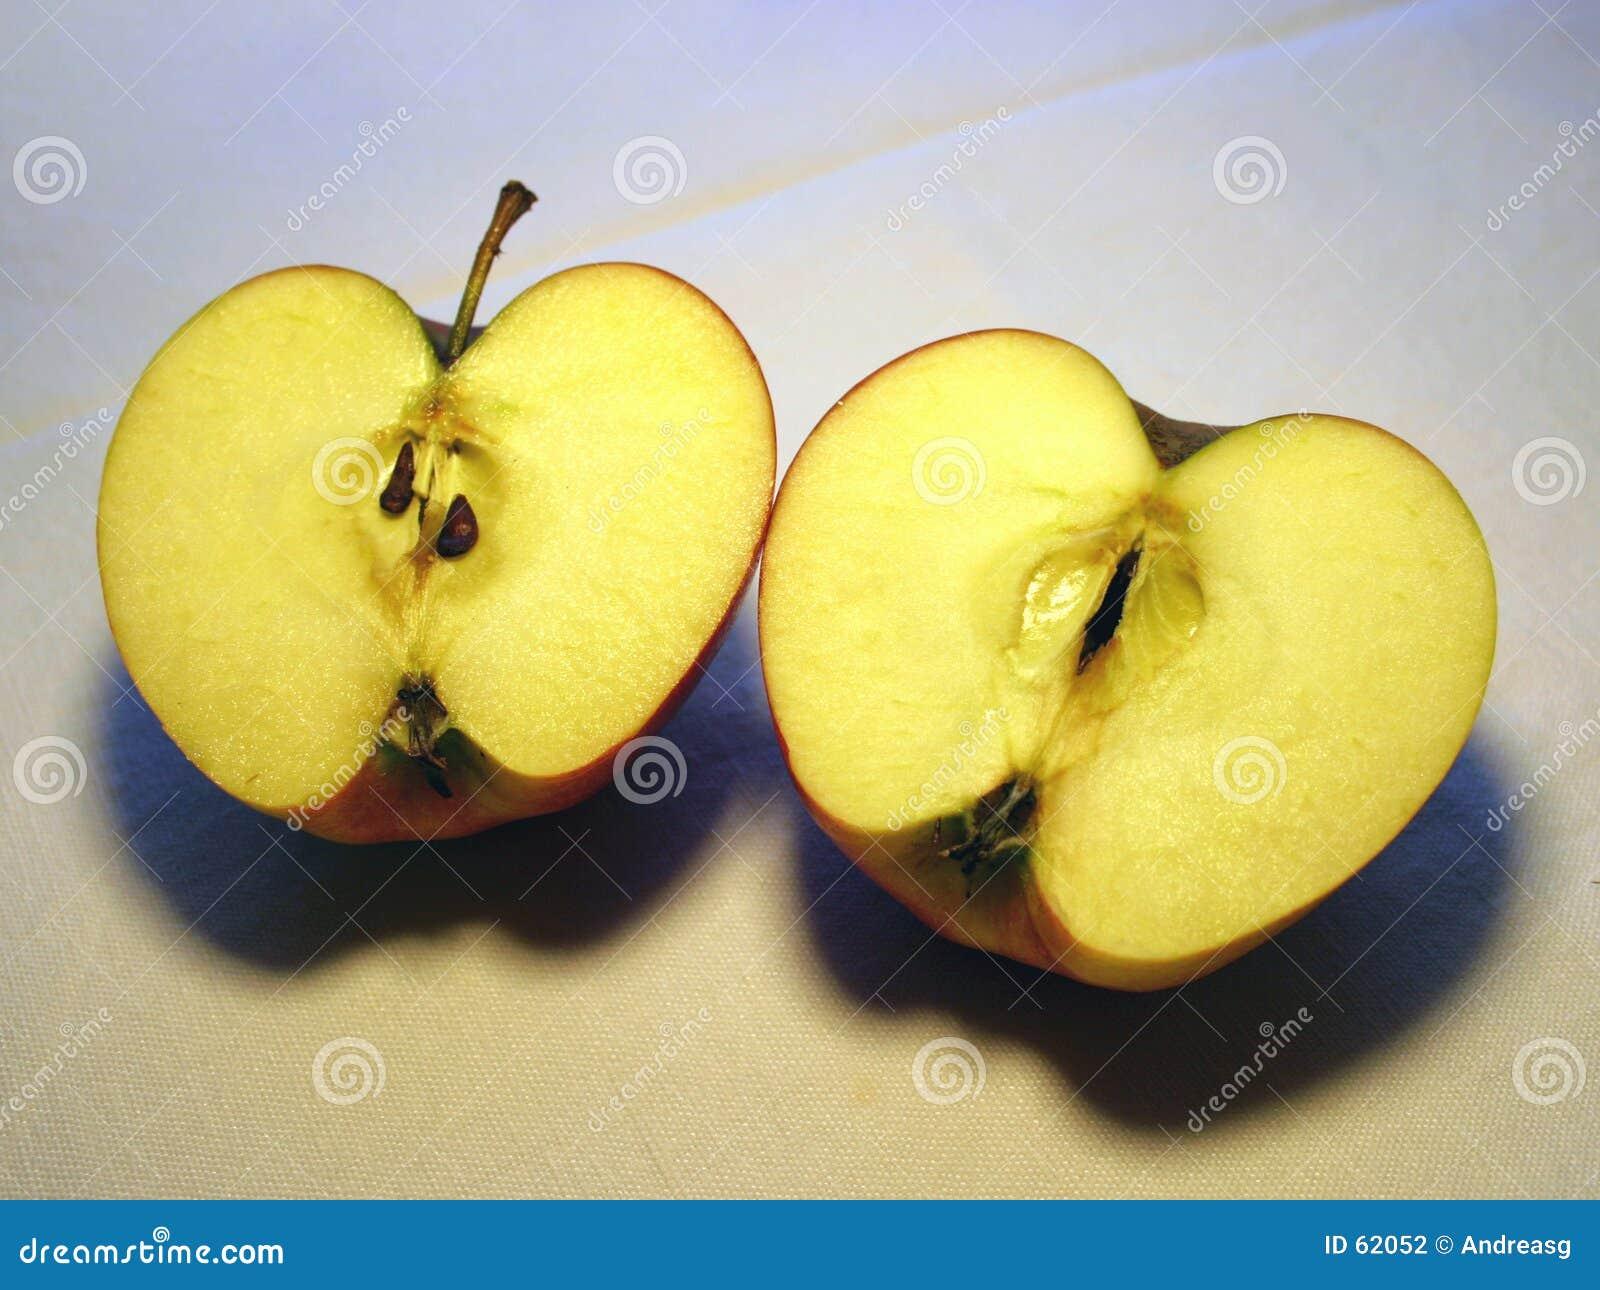 Download 2 halfs de pomme photo stock. Image du savoureux, detail - 62052